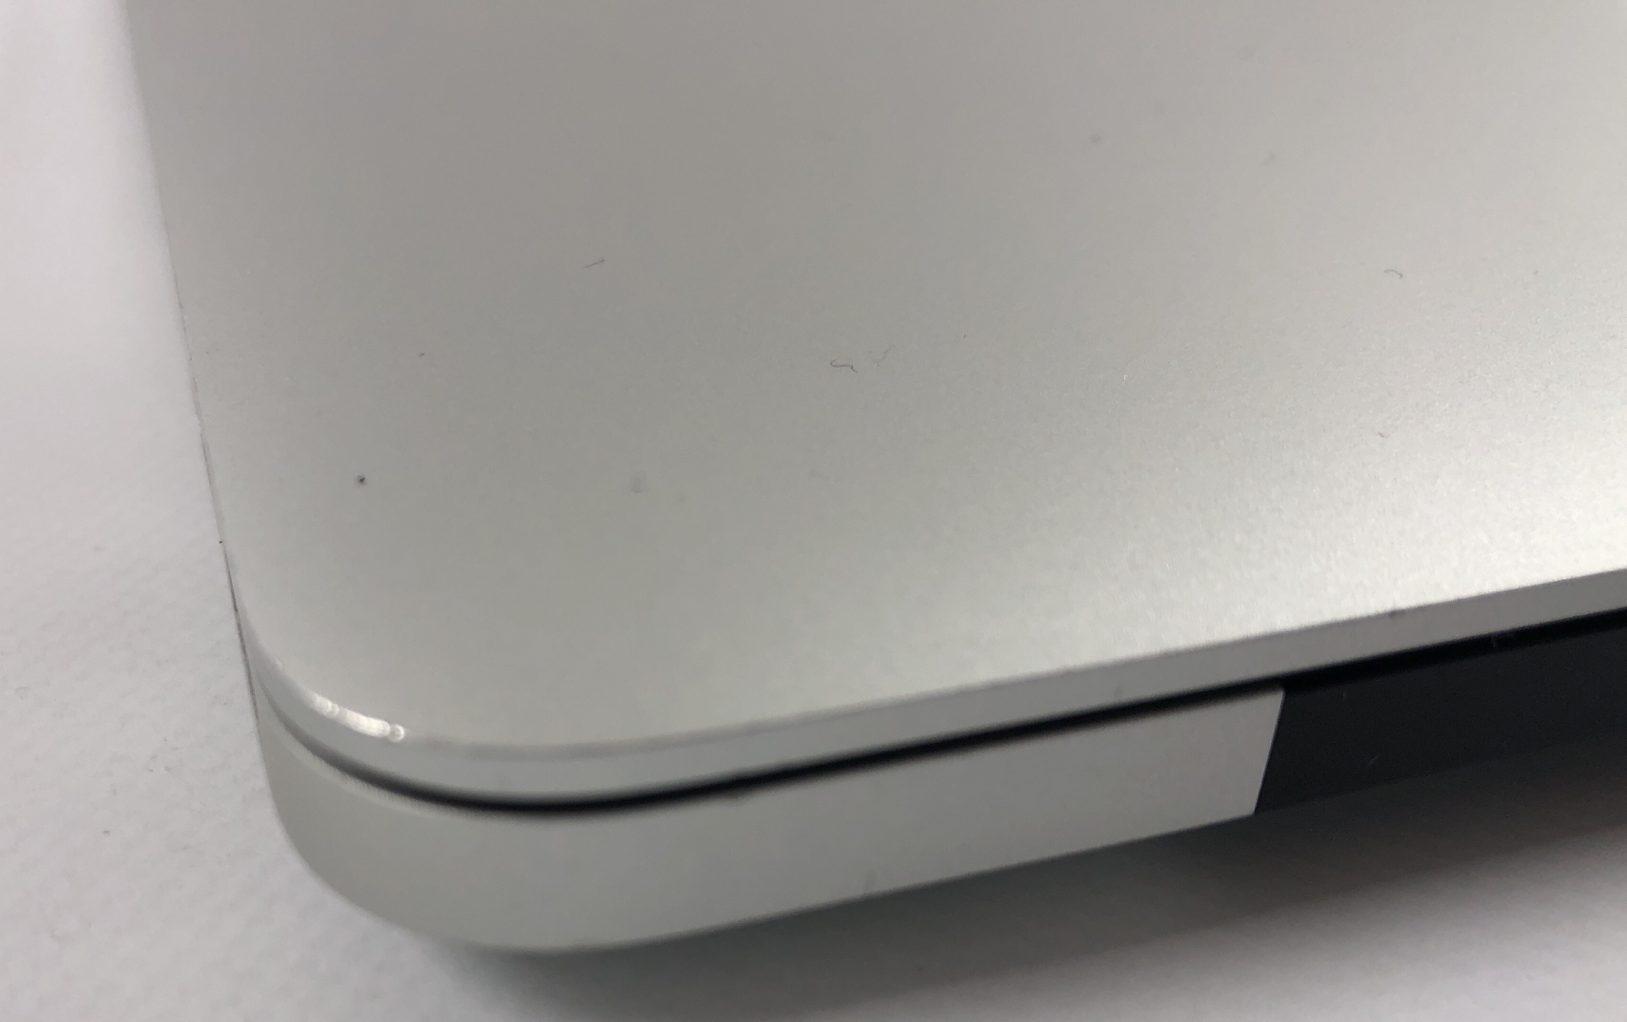 """MacBook Pro Retina 15"""" Mid 2015 (Intel Quad-Core i7 2.5 GHz 16 GB RAM 512 GB SSD), Intel Quad-Core i7 2.5 GHz, 16 GB RAM, 512 GB SSD, Afbeelding 4"""